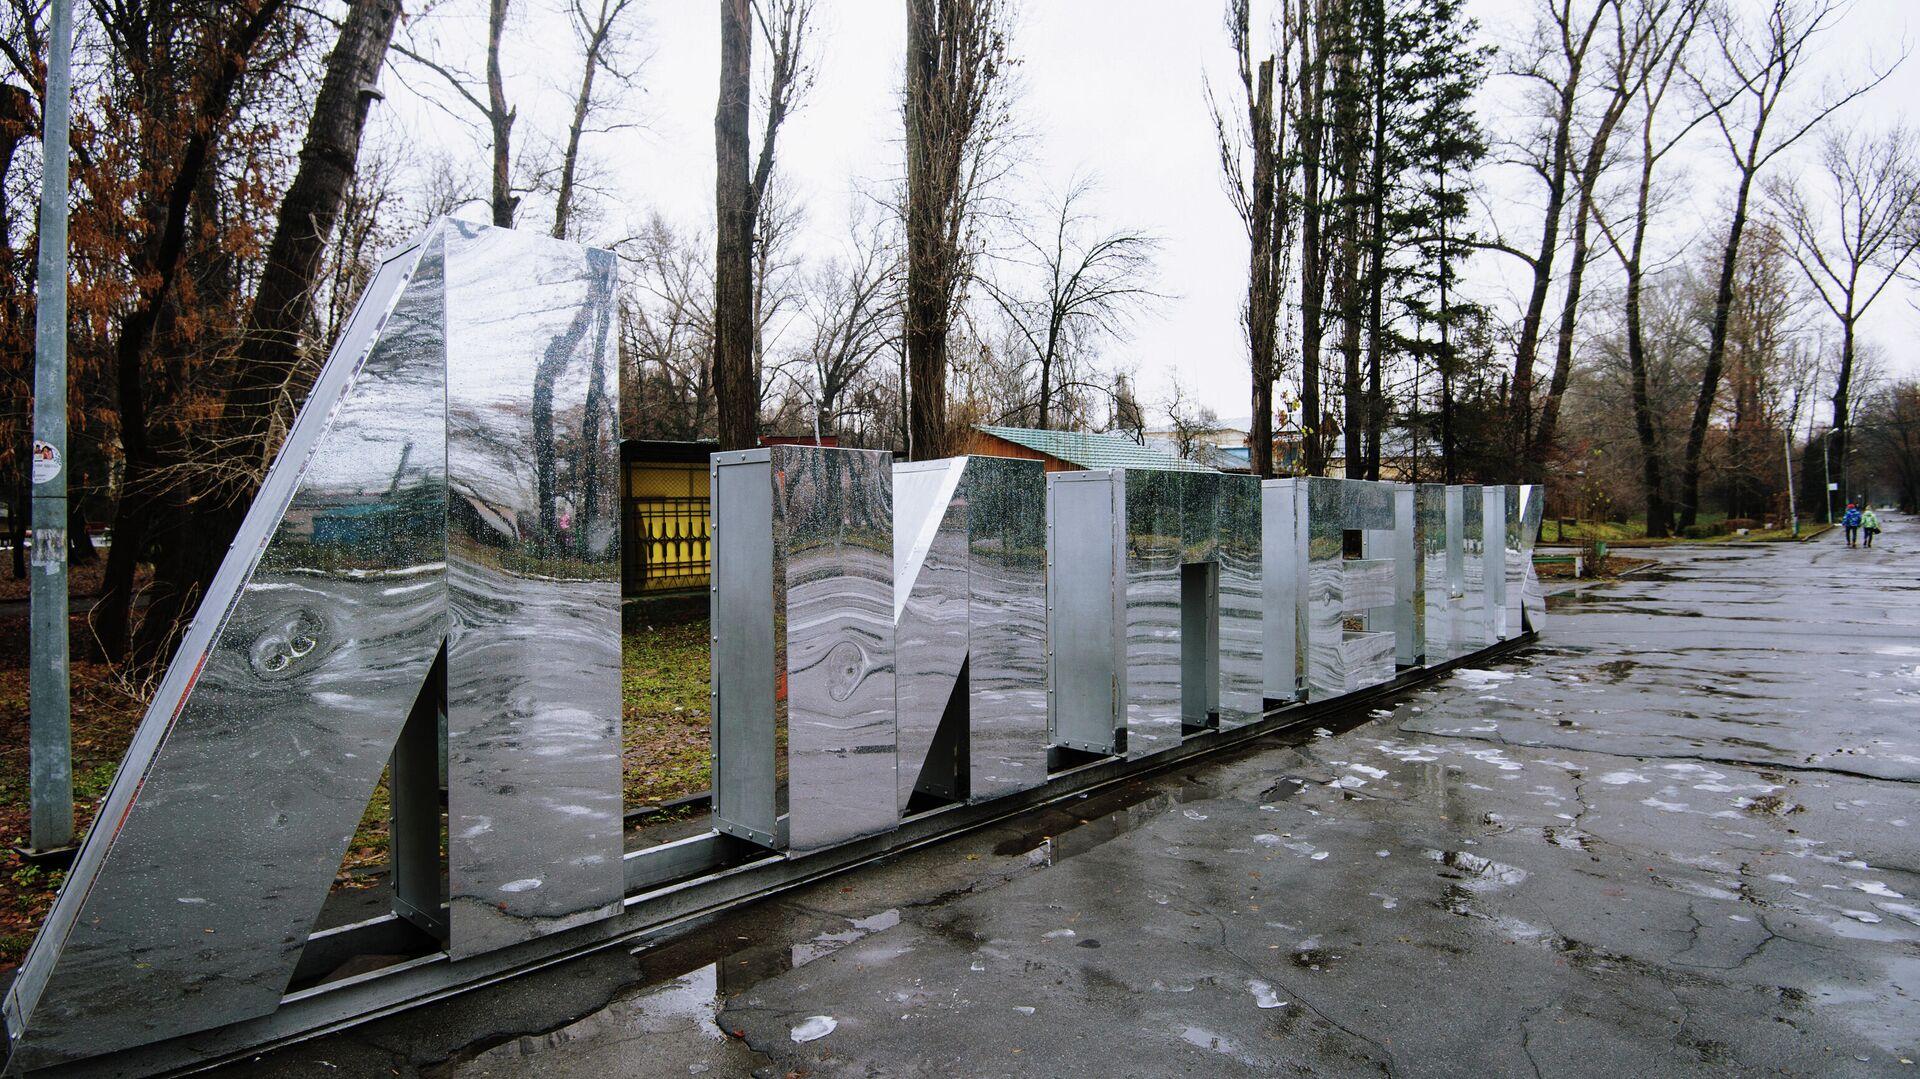 Название города в Нижнем парке в Липецке - РИА Новости, 1920, 27.01.2021